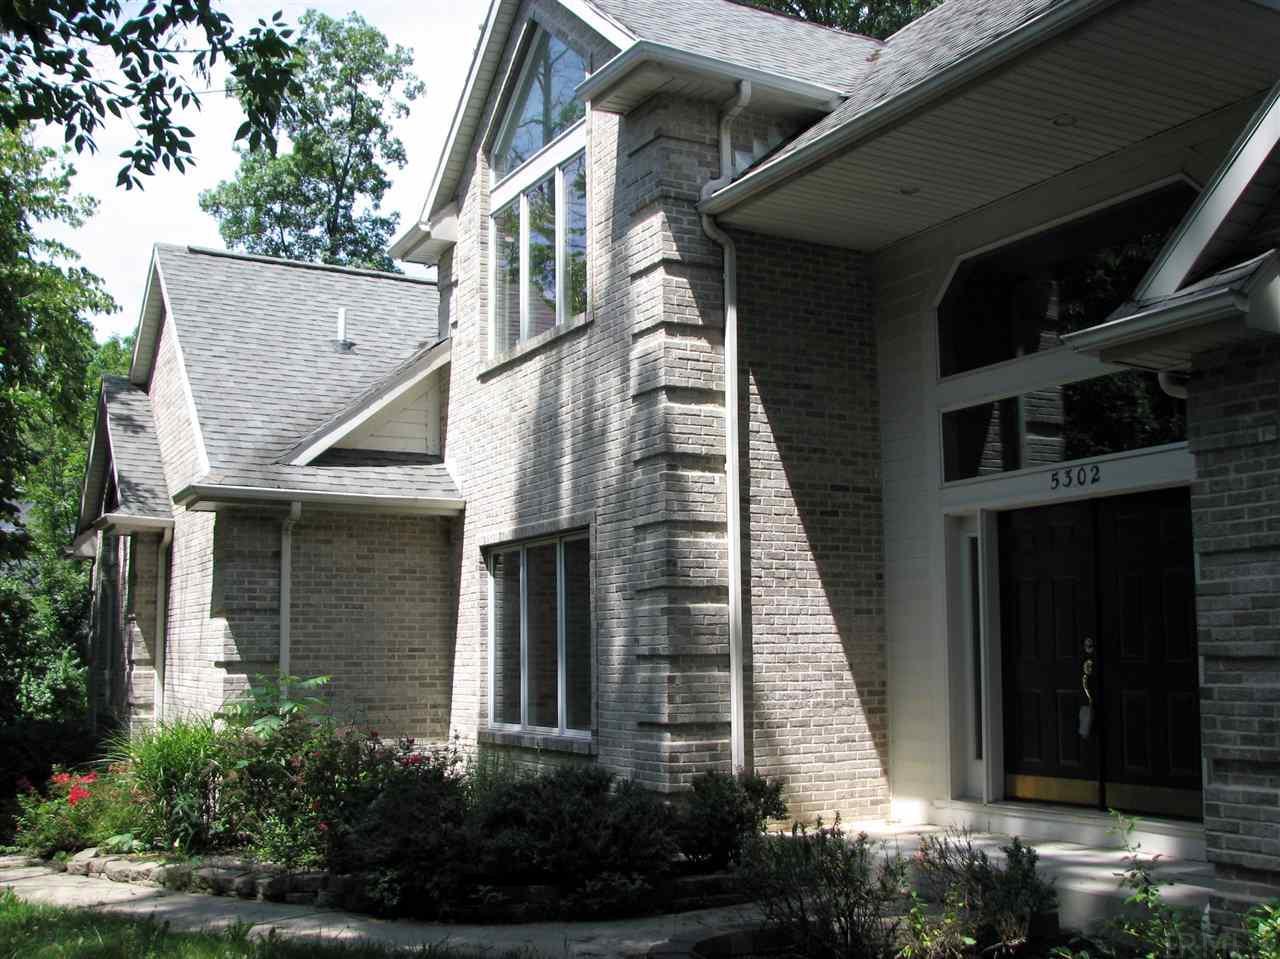 5302 Arborfield, Fort Wayne, IN 46835